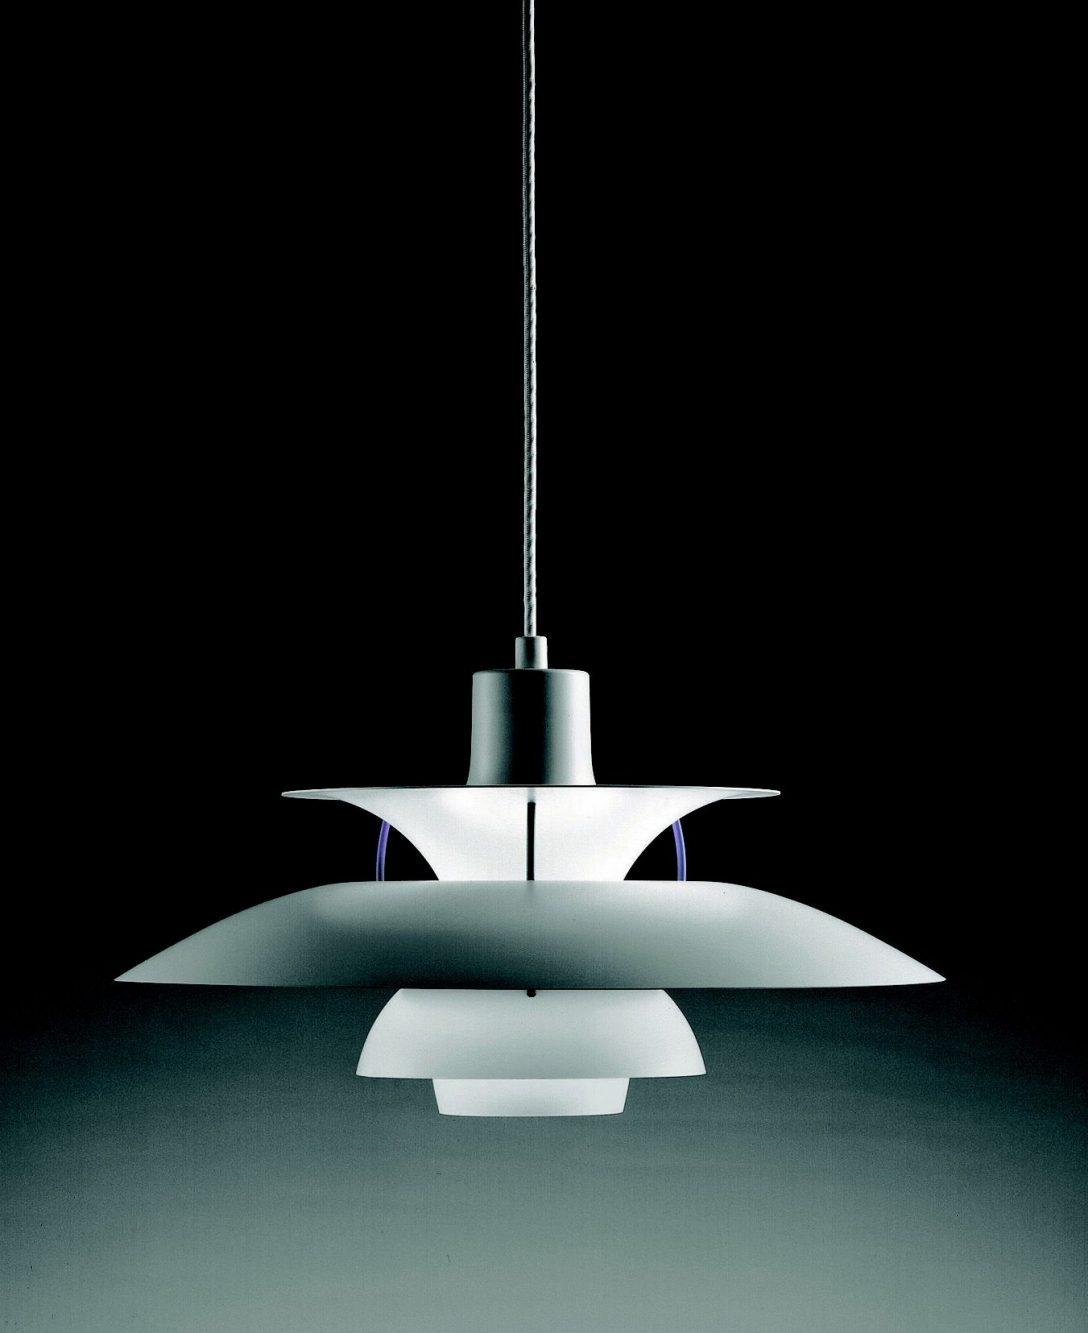 Large Size of Designer Lampen 14 Online Shop Inspirierend Regale Esstisch Wohnzimmer Deckenlampen Stehlampen Bad Led Betten Badezimmer Modern Esstische Für Wohnzimmer Designer Lampen